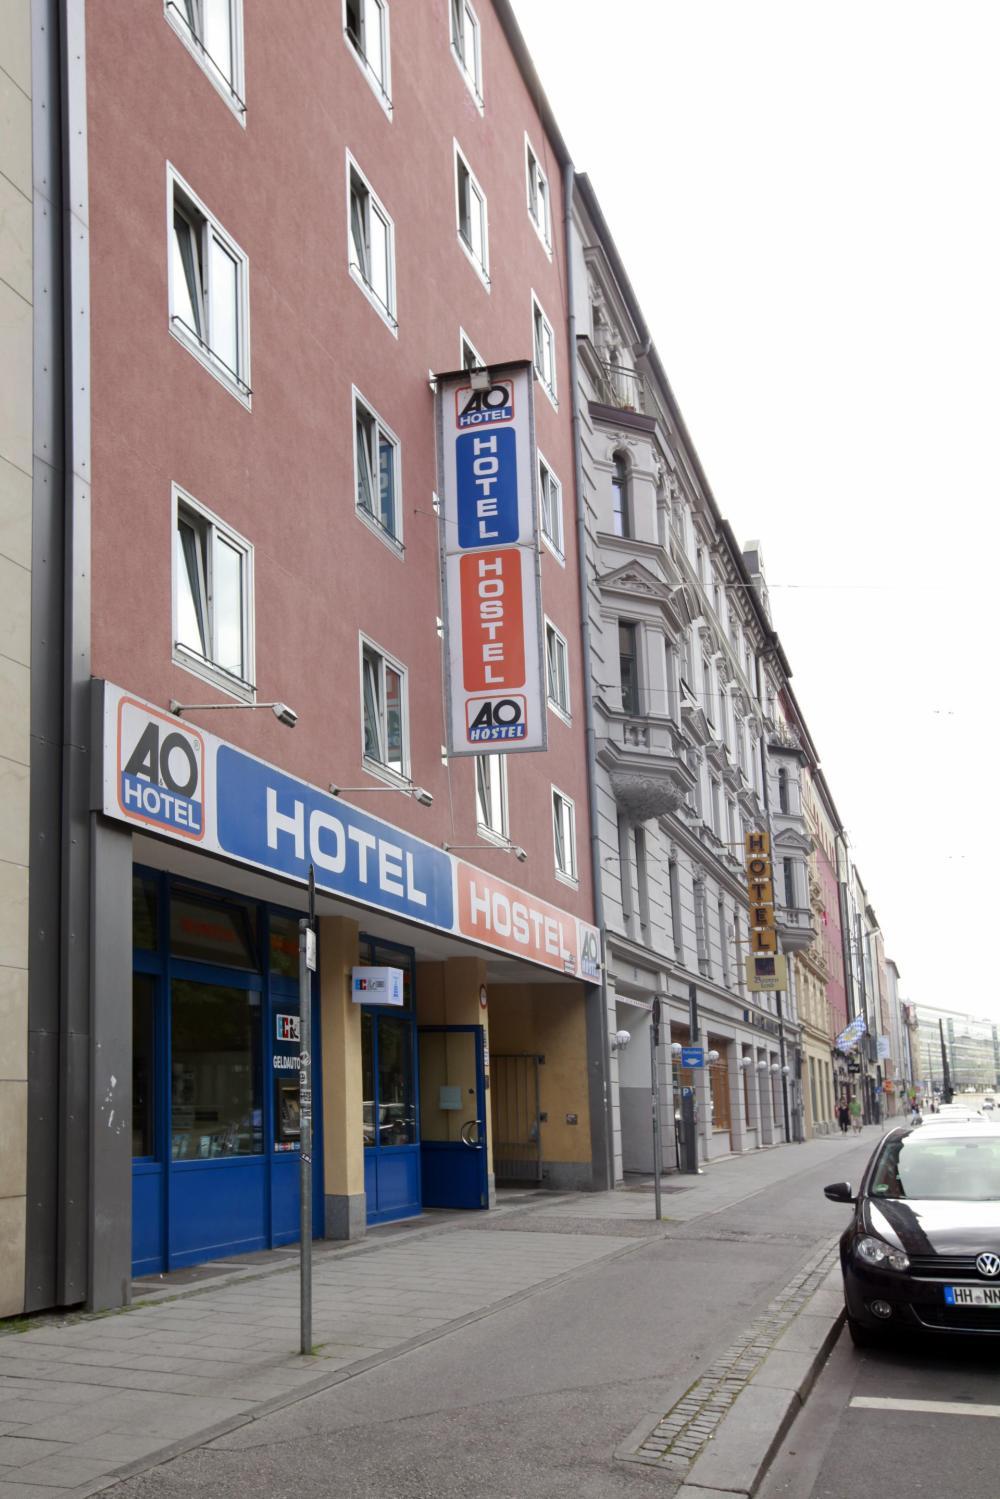 A & O Münchenin keskusaseman julkisivun julkisivu